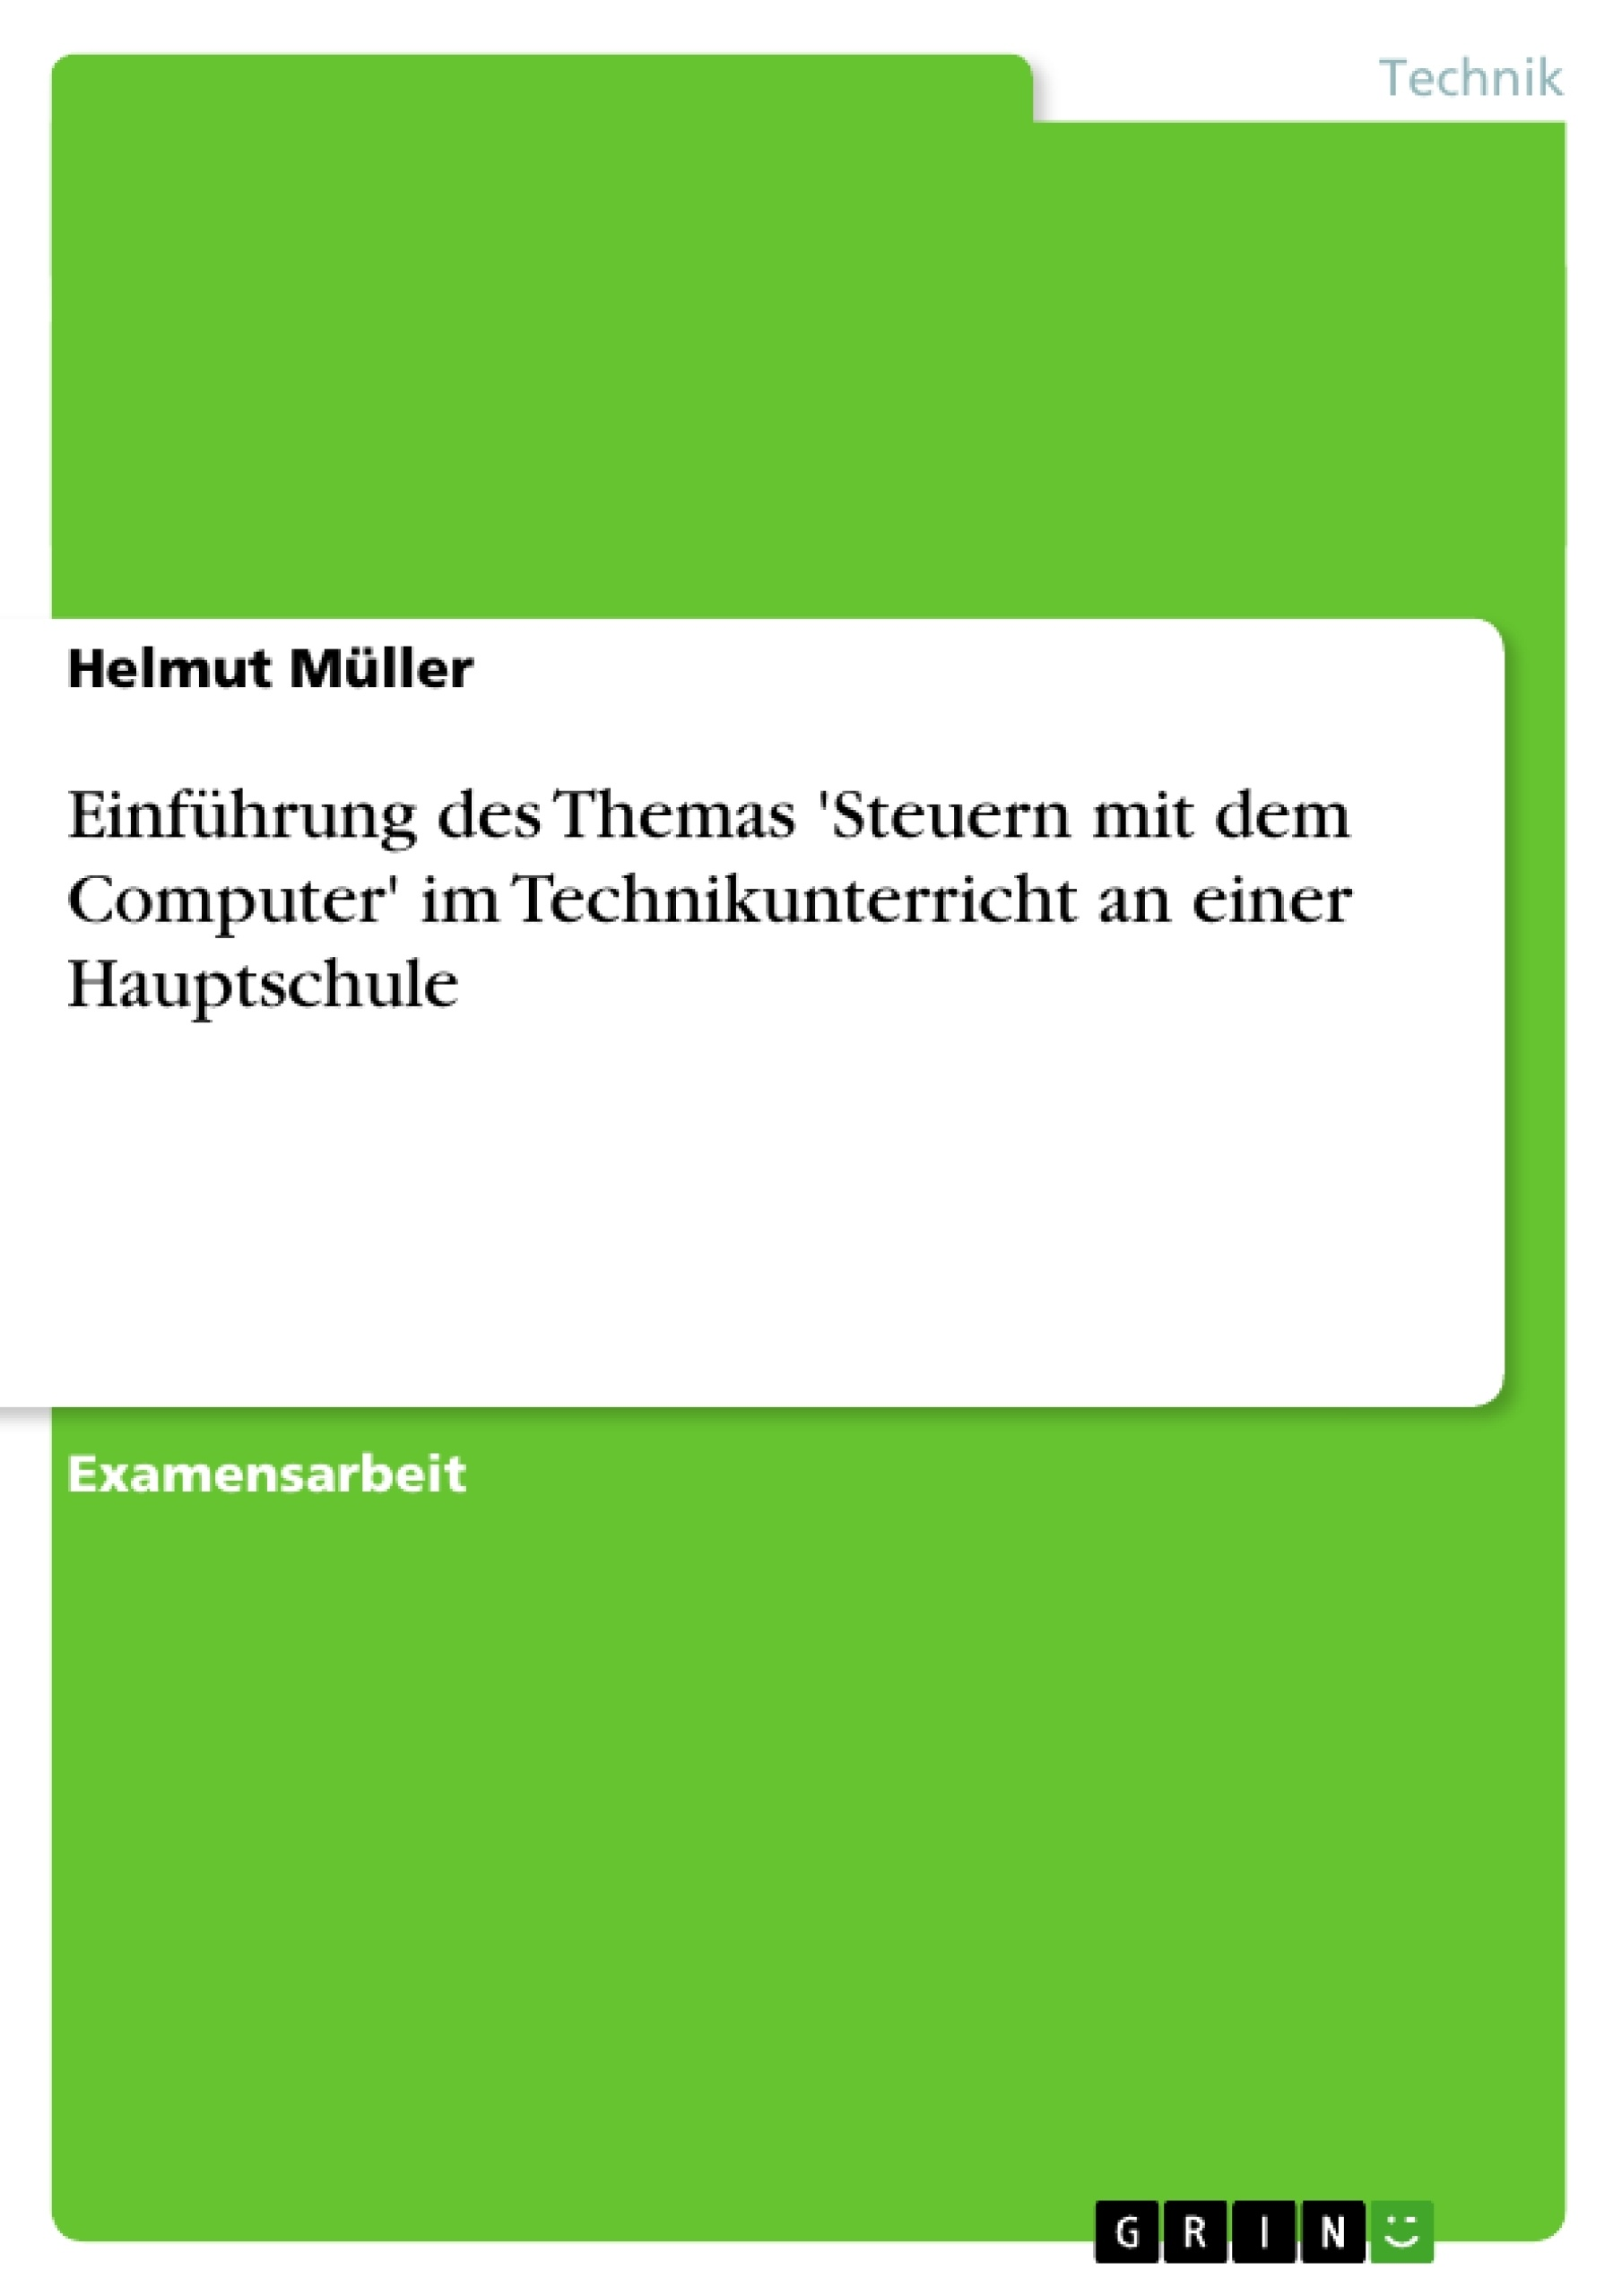 Titel: Einführung des Themas 'Steuern mit dem Computer' im Technikunterricht an einer Hauptschule